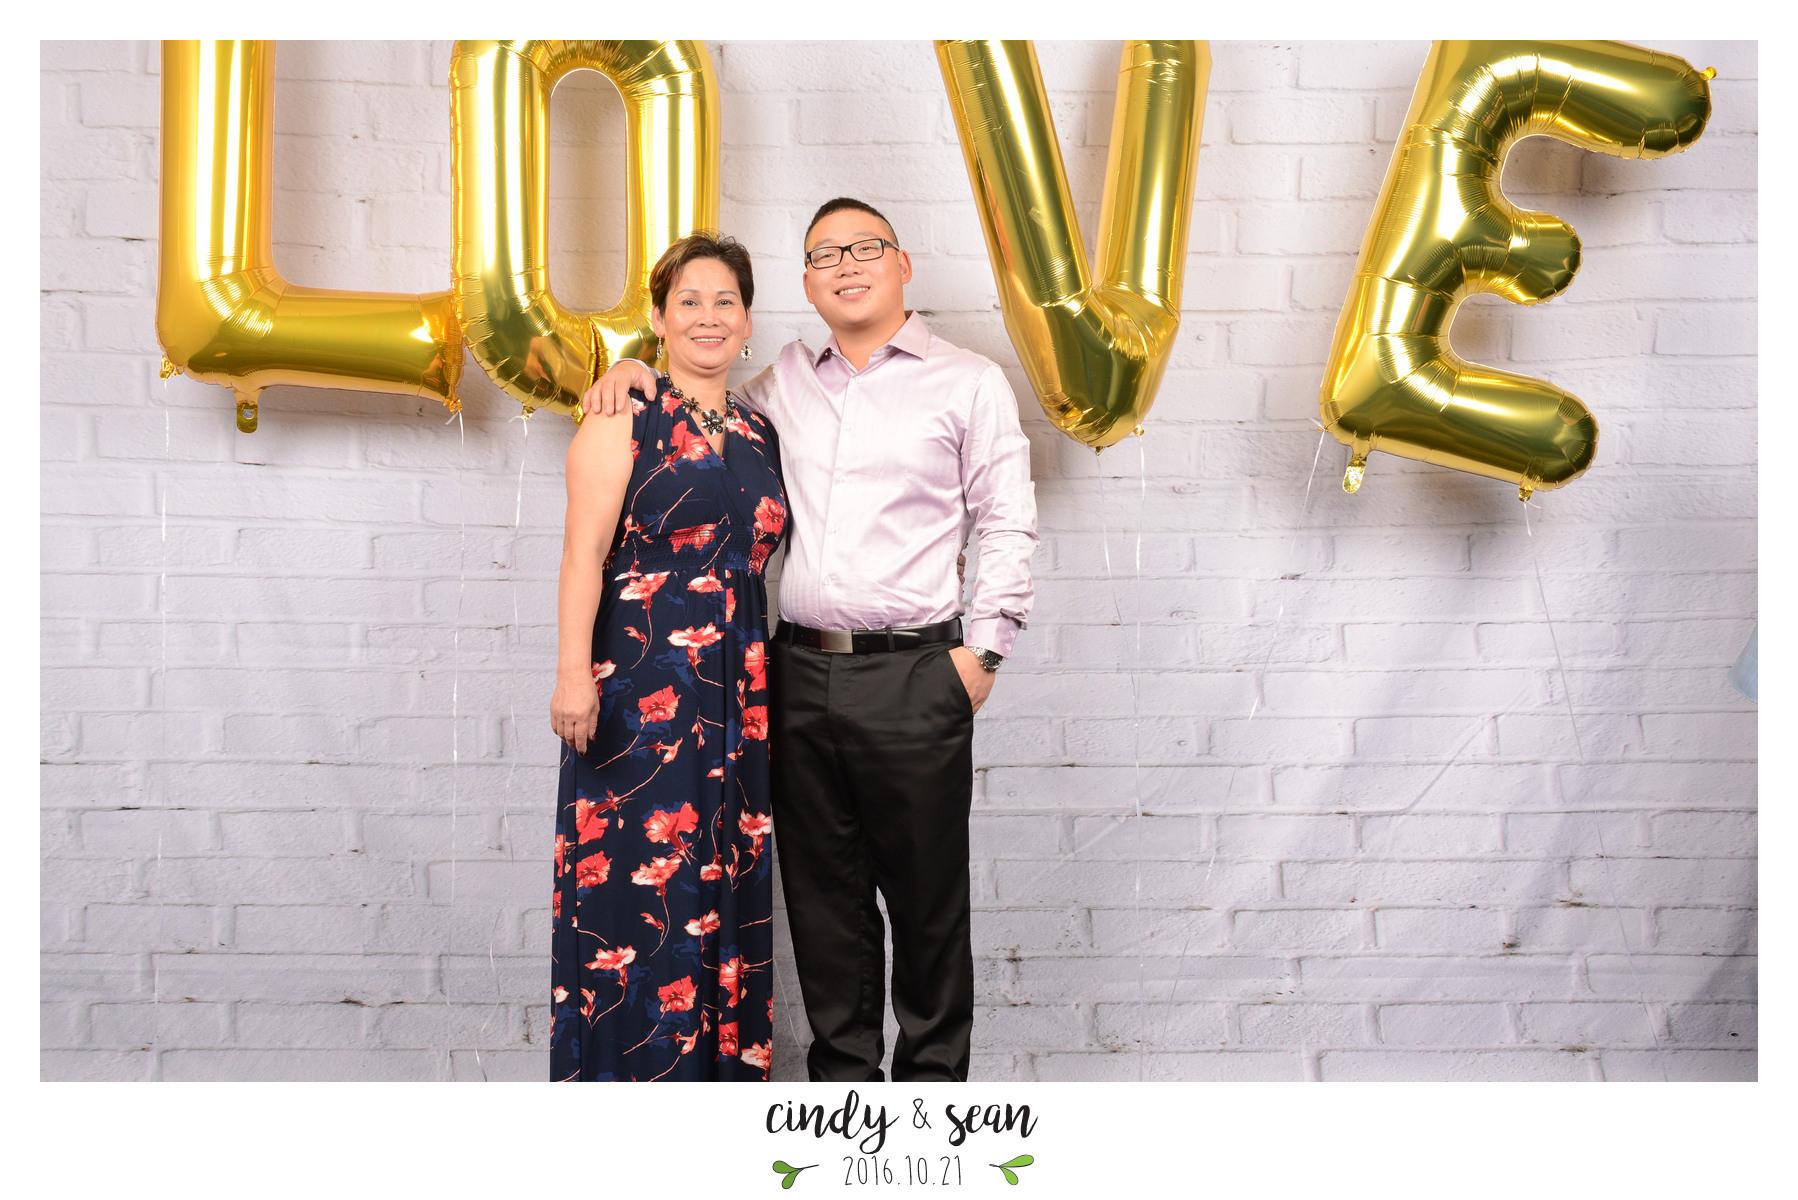 Cindy Sean Bae - 0001-30.jpg